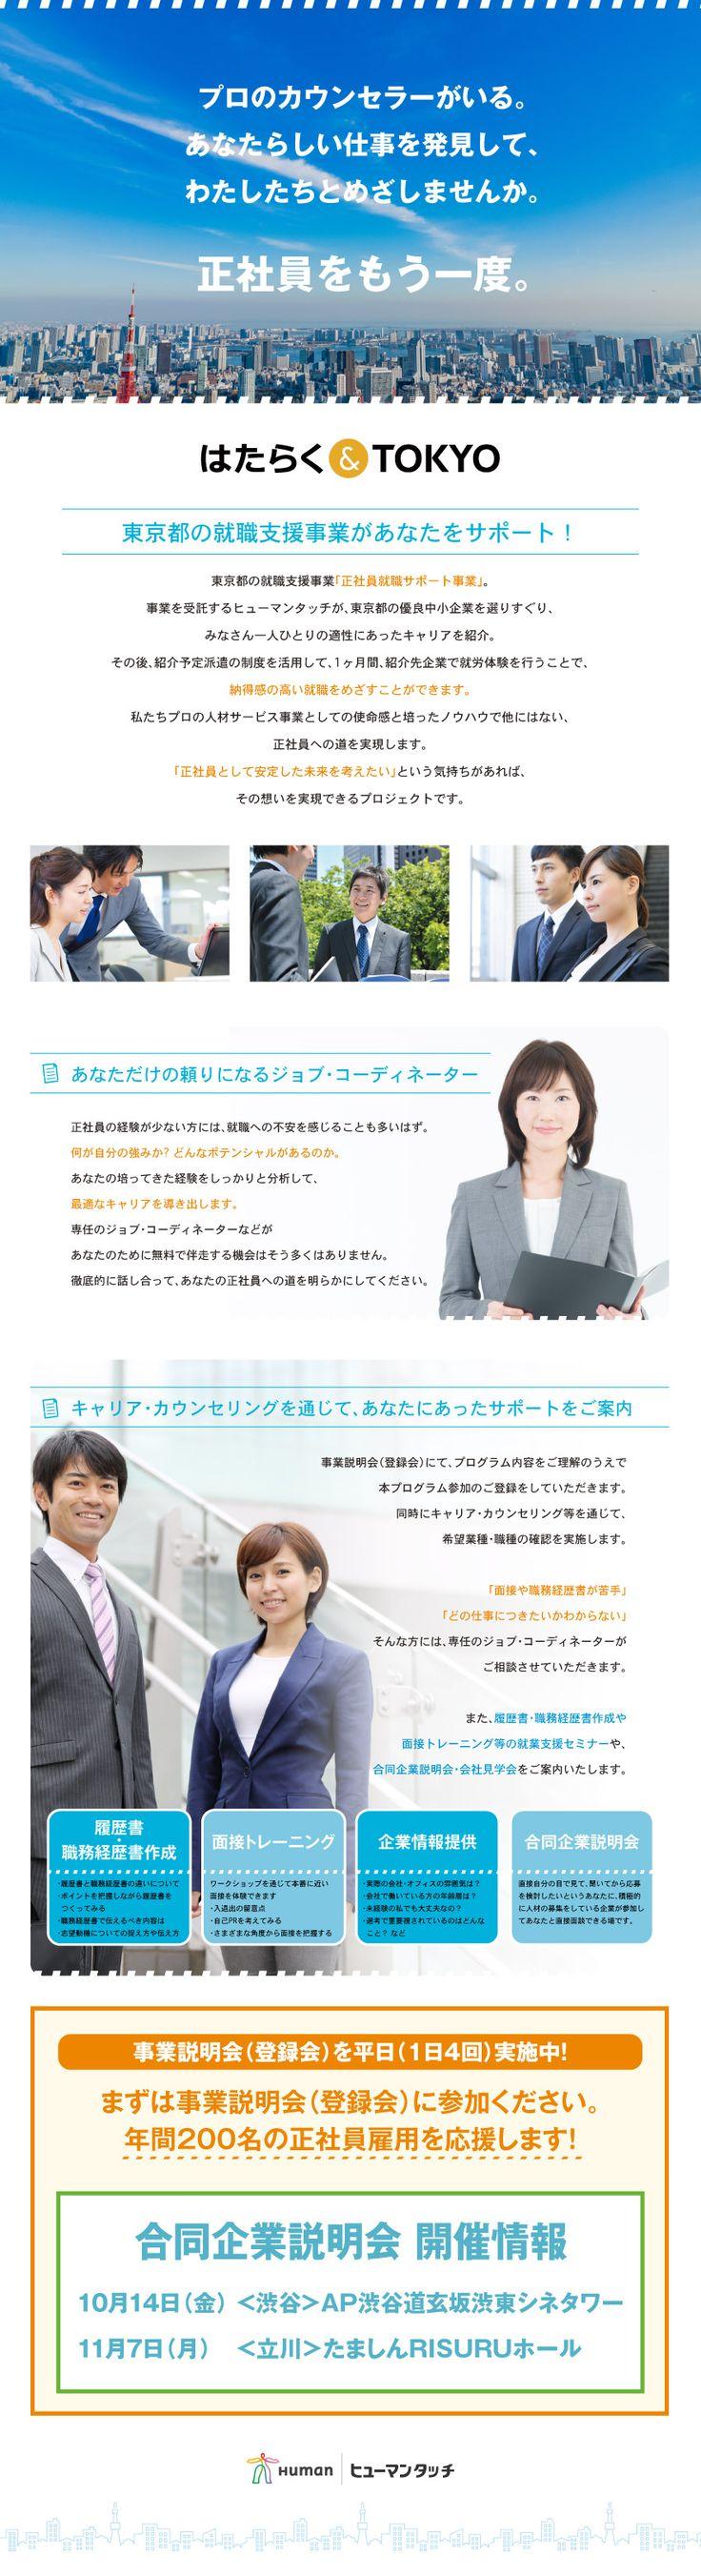 東京都正社員就職サポート事業 運営事務局(ヒューマンタッチ株式会社)/「正社員就職」を支援するプログラムへの参加者募集(事務職、営業職、制作職を中心に多数あり)の求人PR - 転職ならDODA(デューダ)